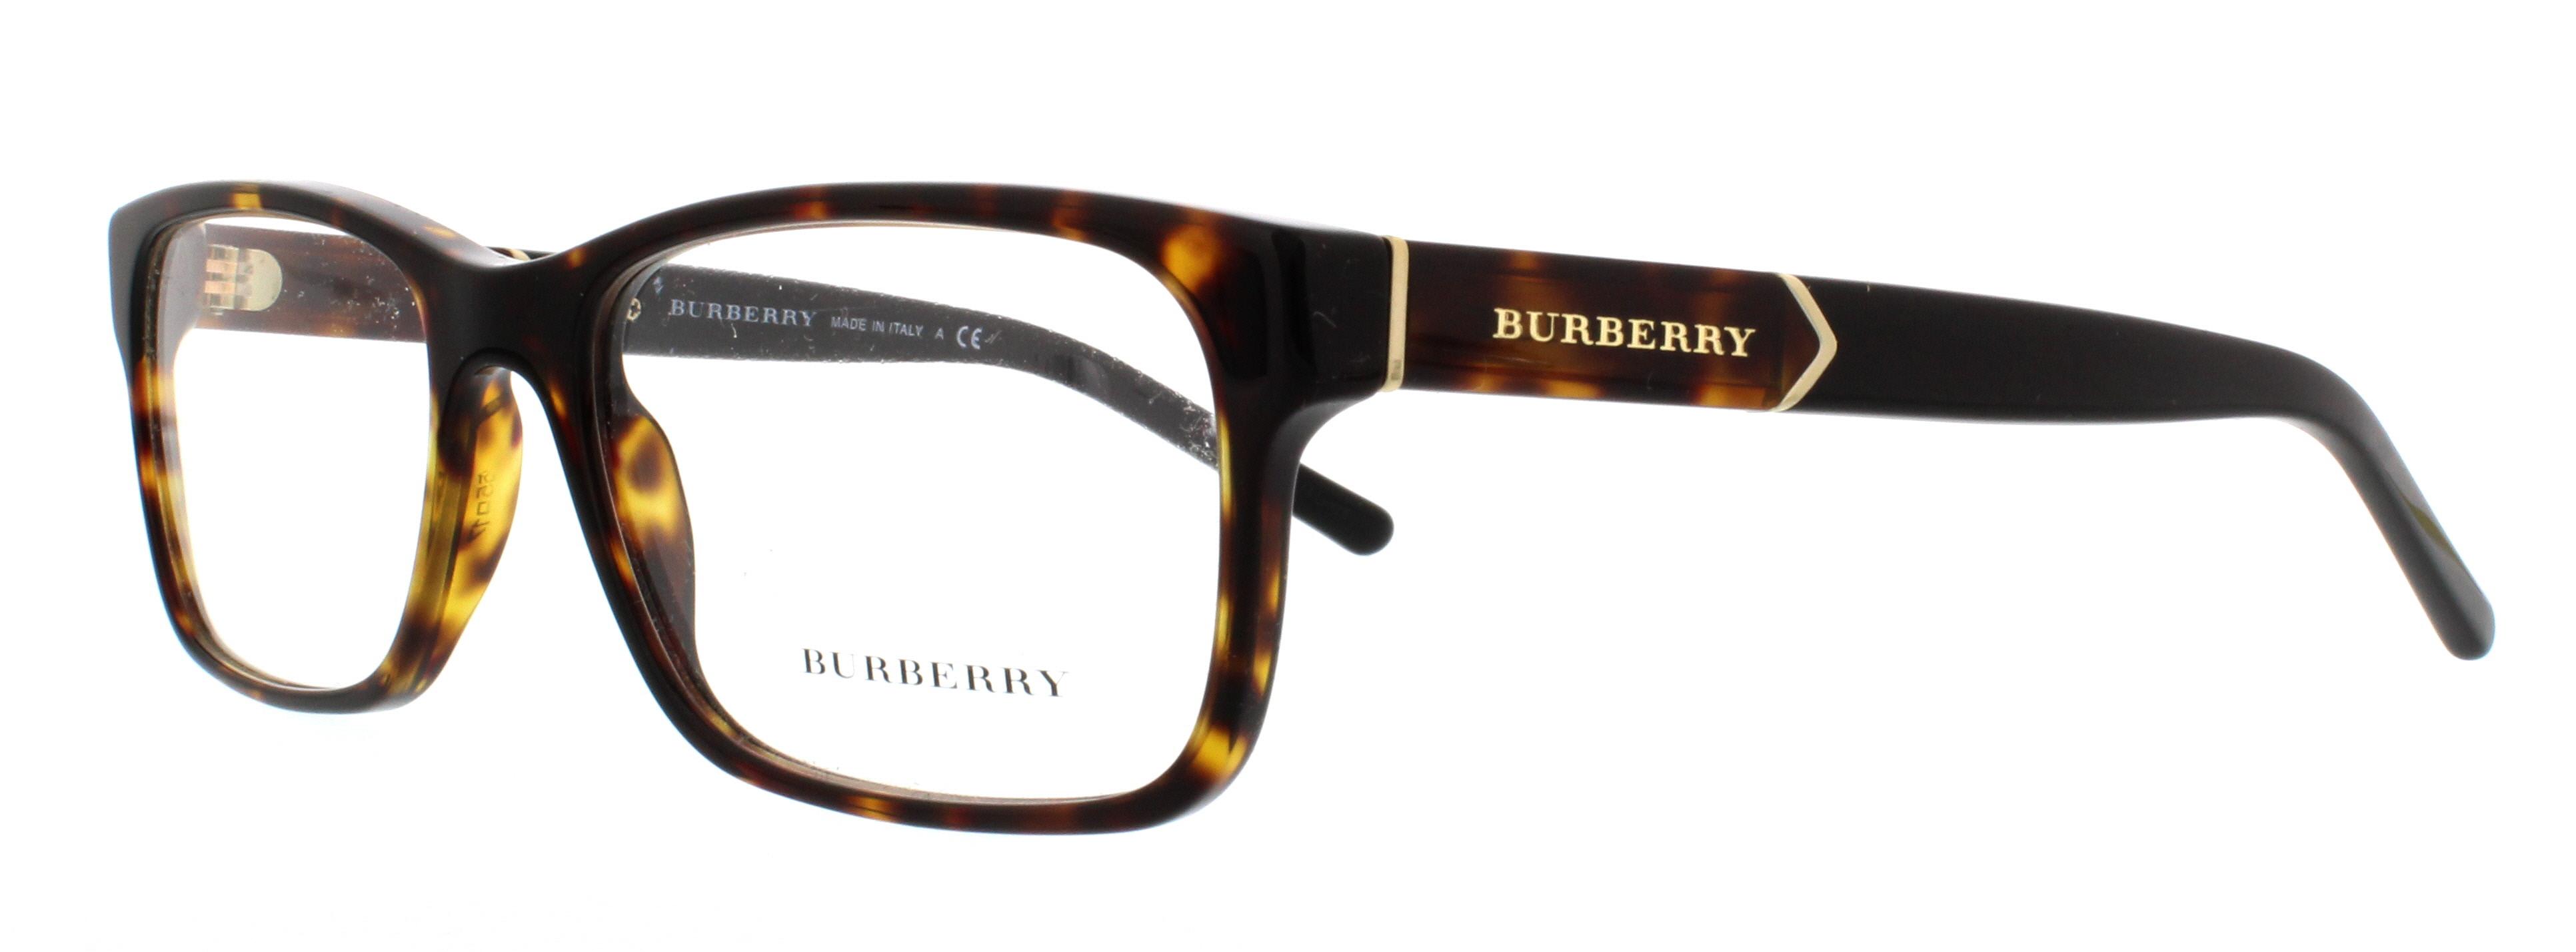 00b2d16bdc6a Designer Frames Outlet. Burberry BE2150